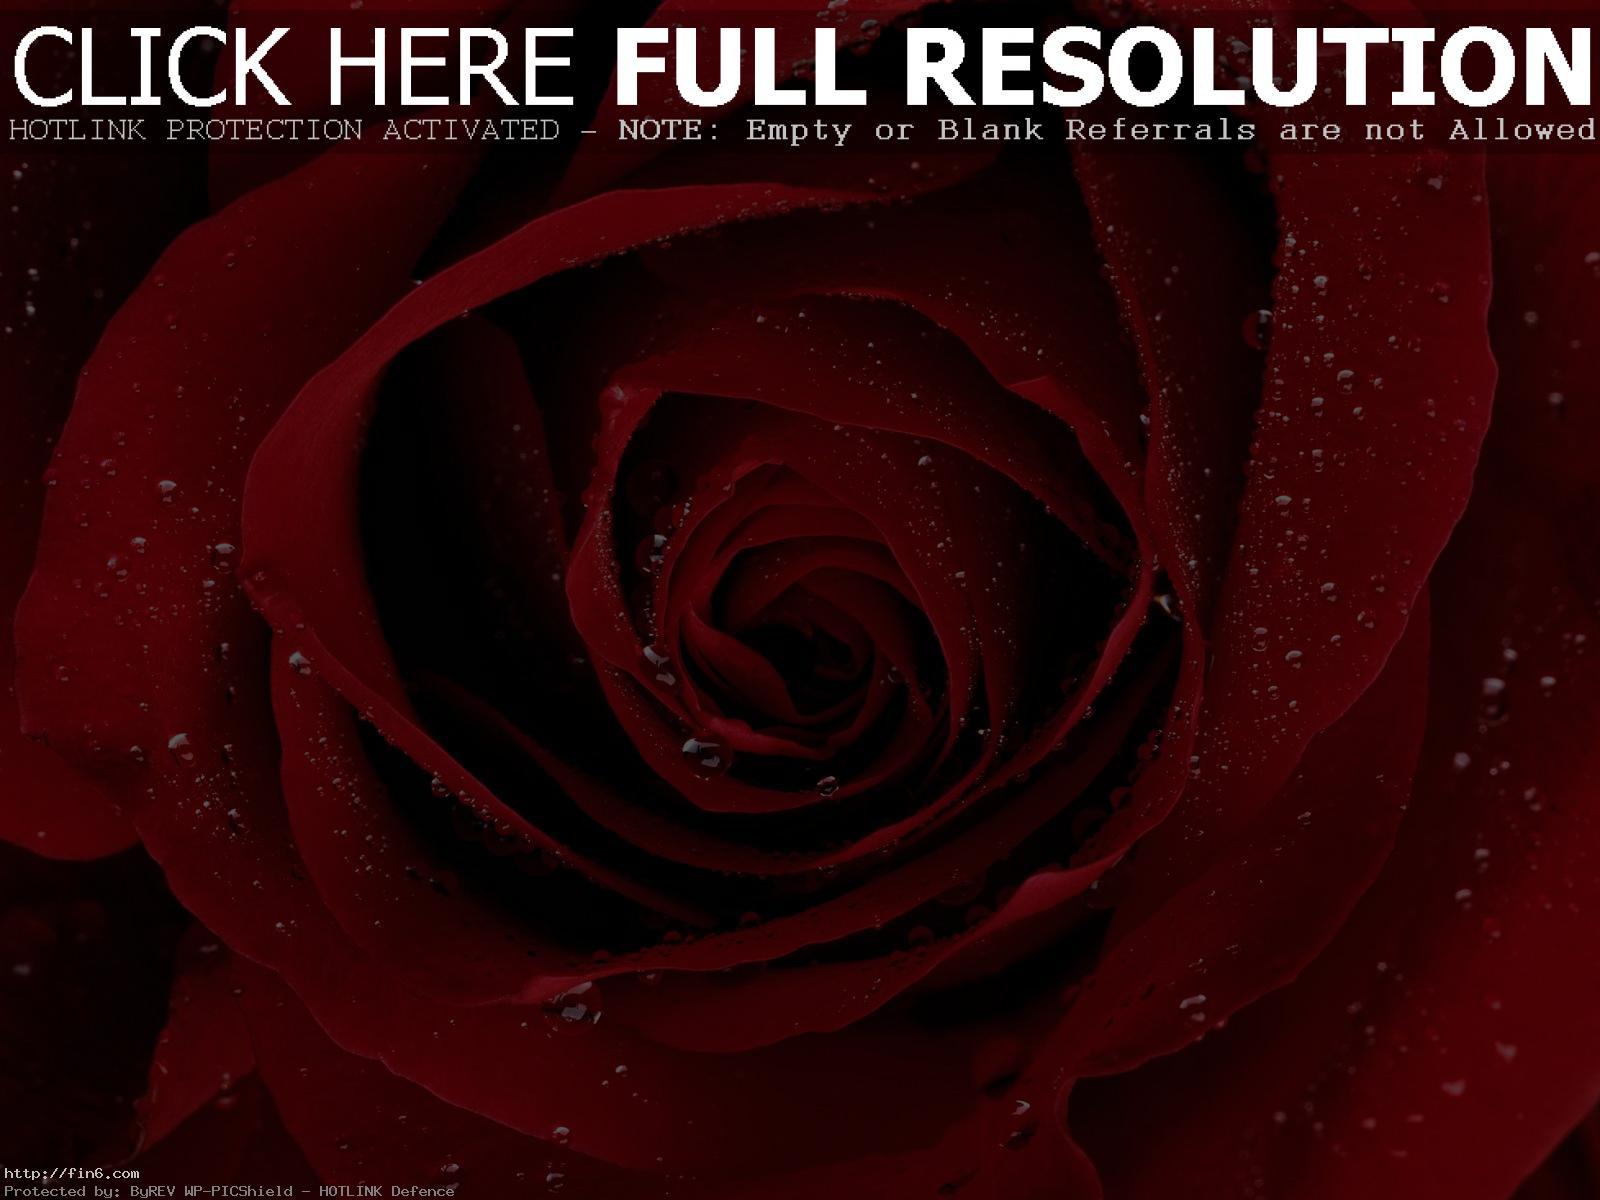 صور ورد hd , حلفيات ازهار عالية الجودة , صور و خلفيات , Flowers wallpapers